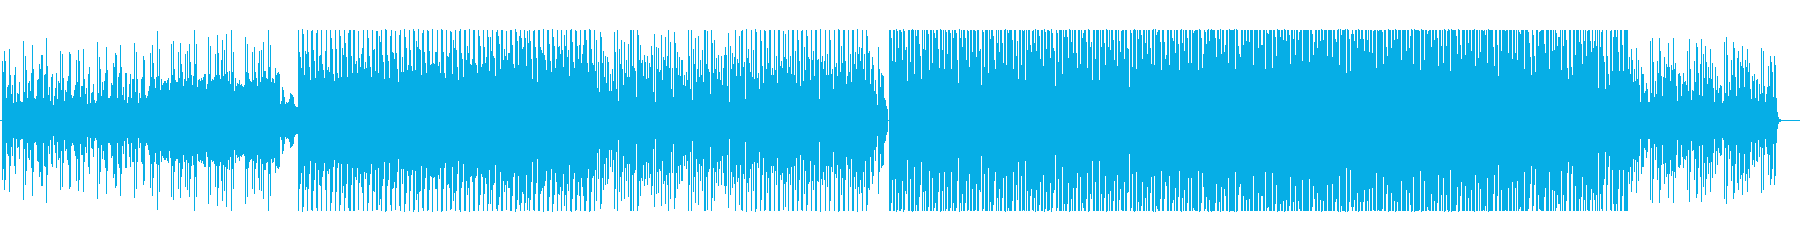 切ないメロディーが印象的な楽曲の再生済みの波形